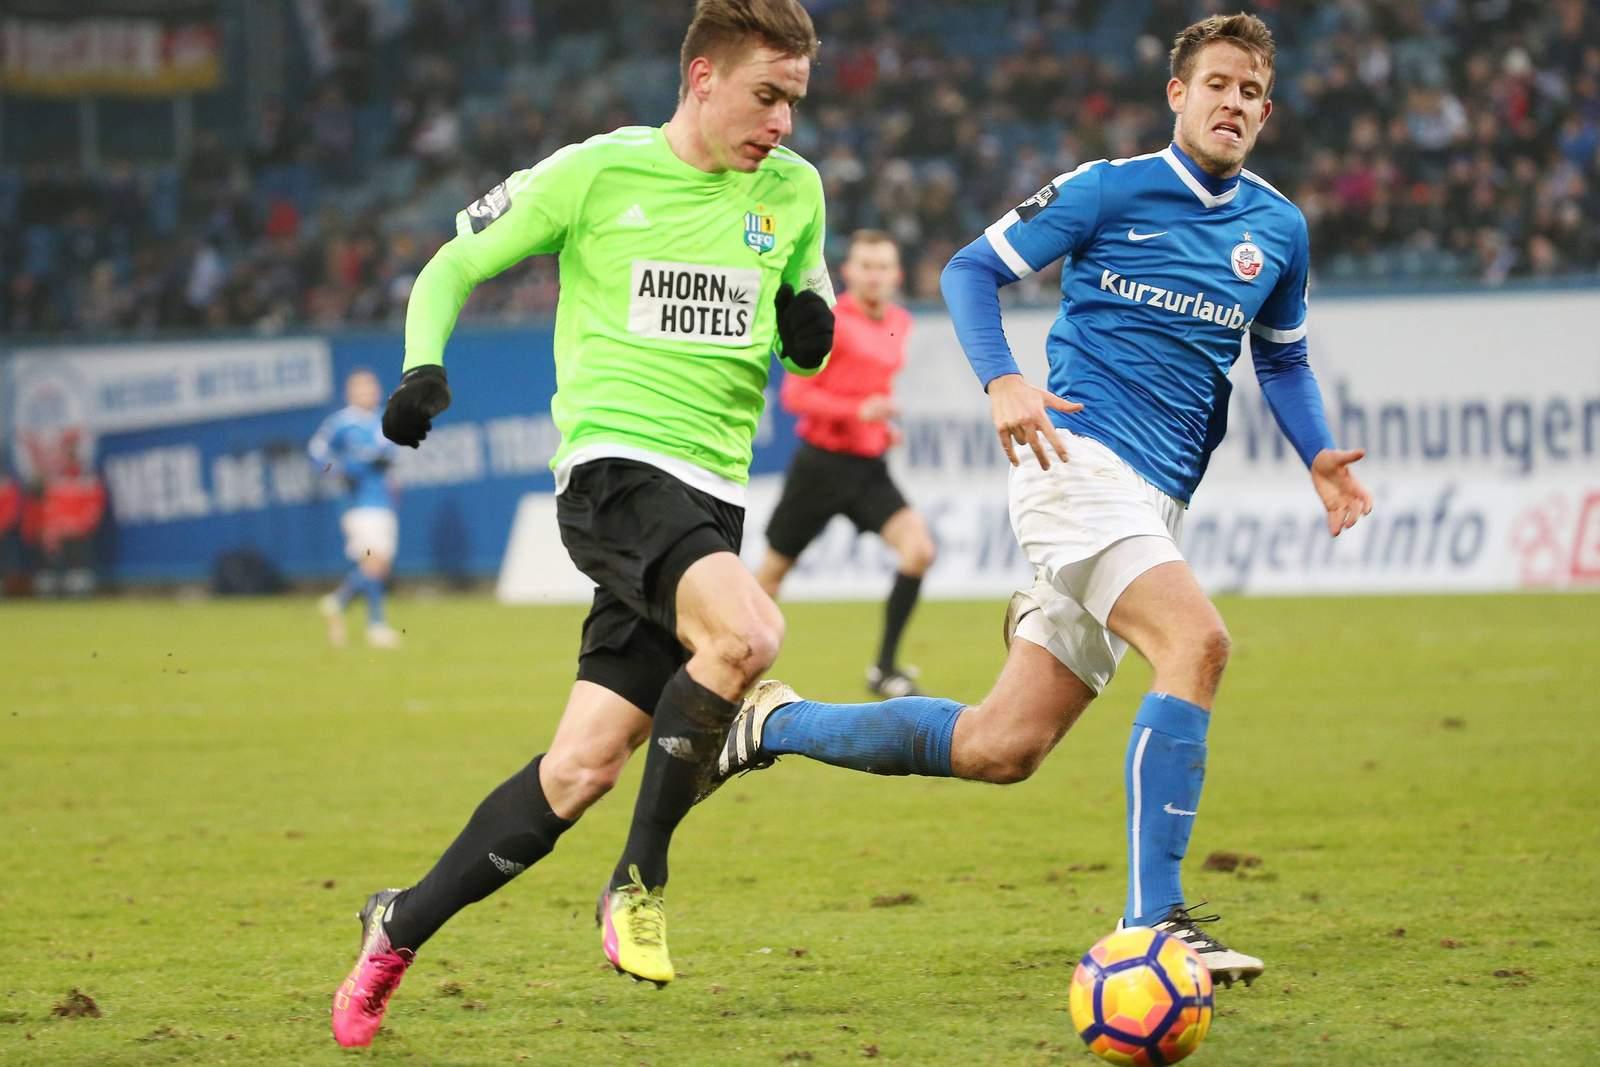 Florian Hansch im Duell mit Tommy Grupe. Jetzt auf die Partie Rostock gegen Chemnitz wetten